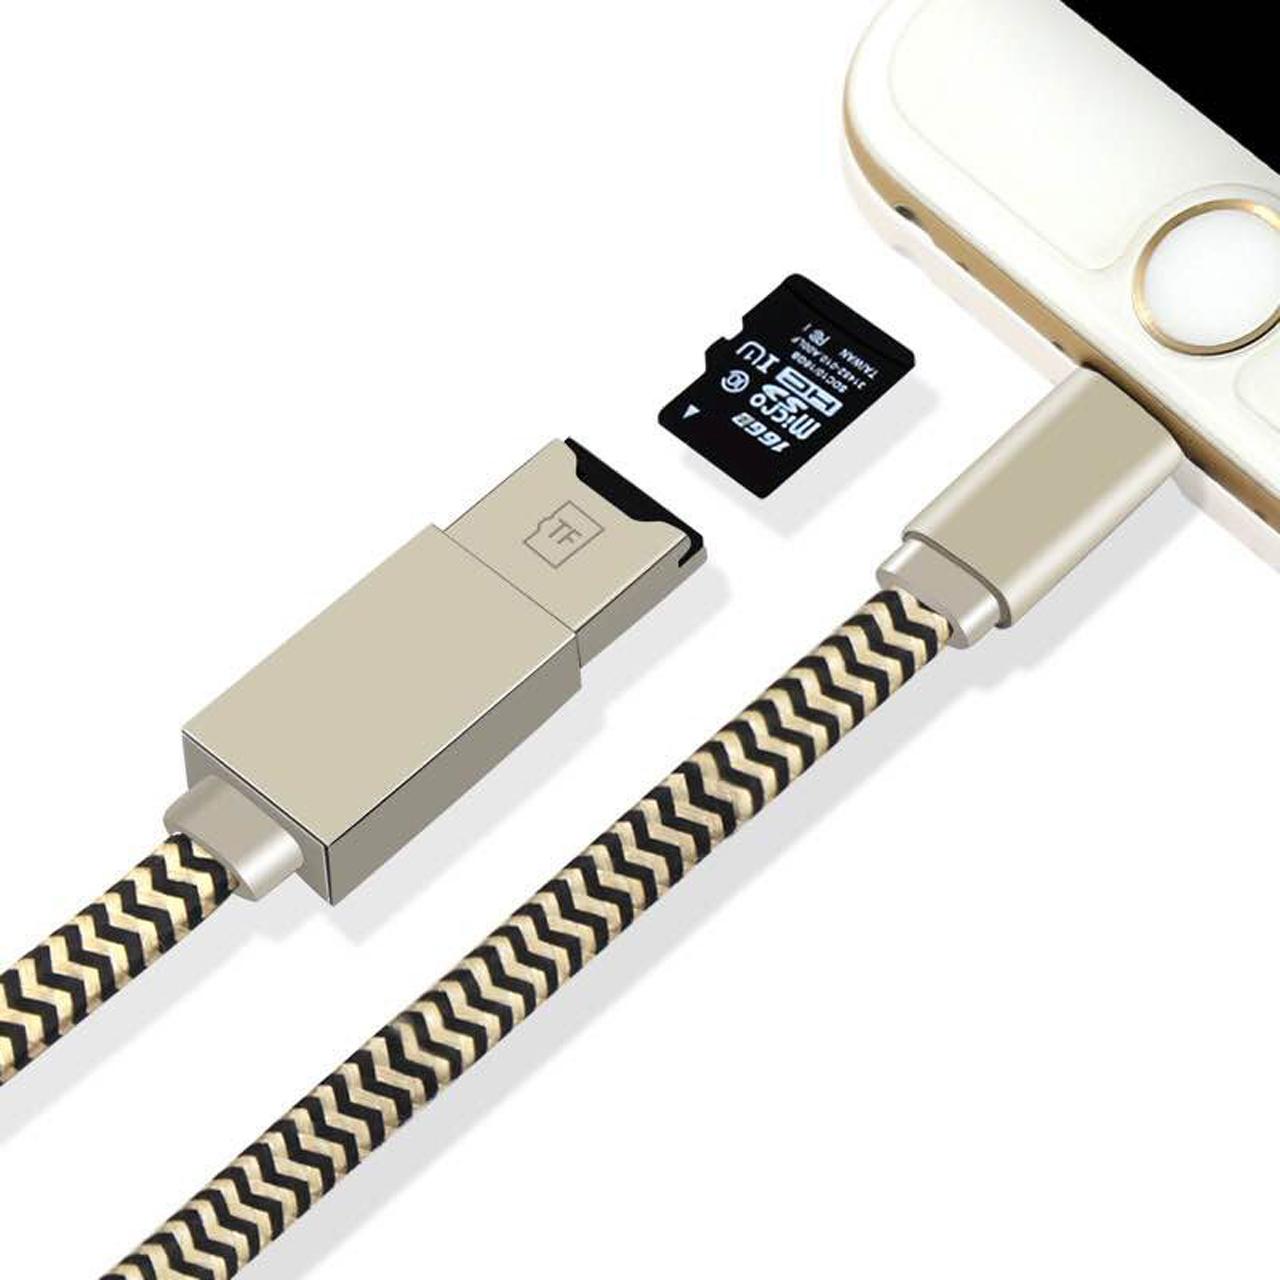 สายชาร์จ idragon แบบสายถัก+ TF M Icro SD card reader writer สีดำ